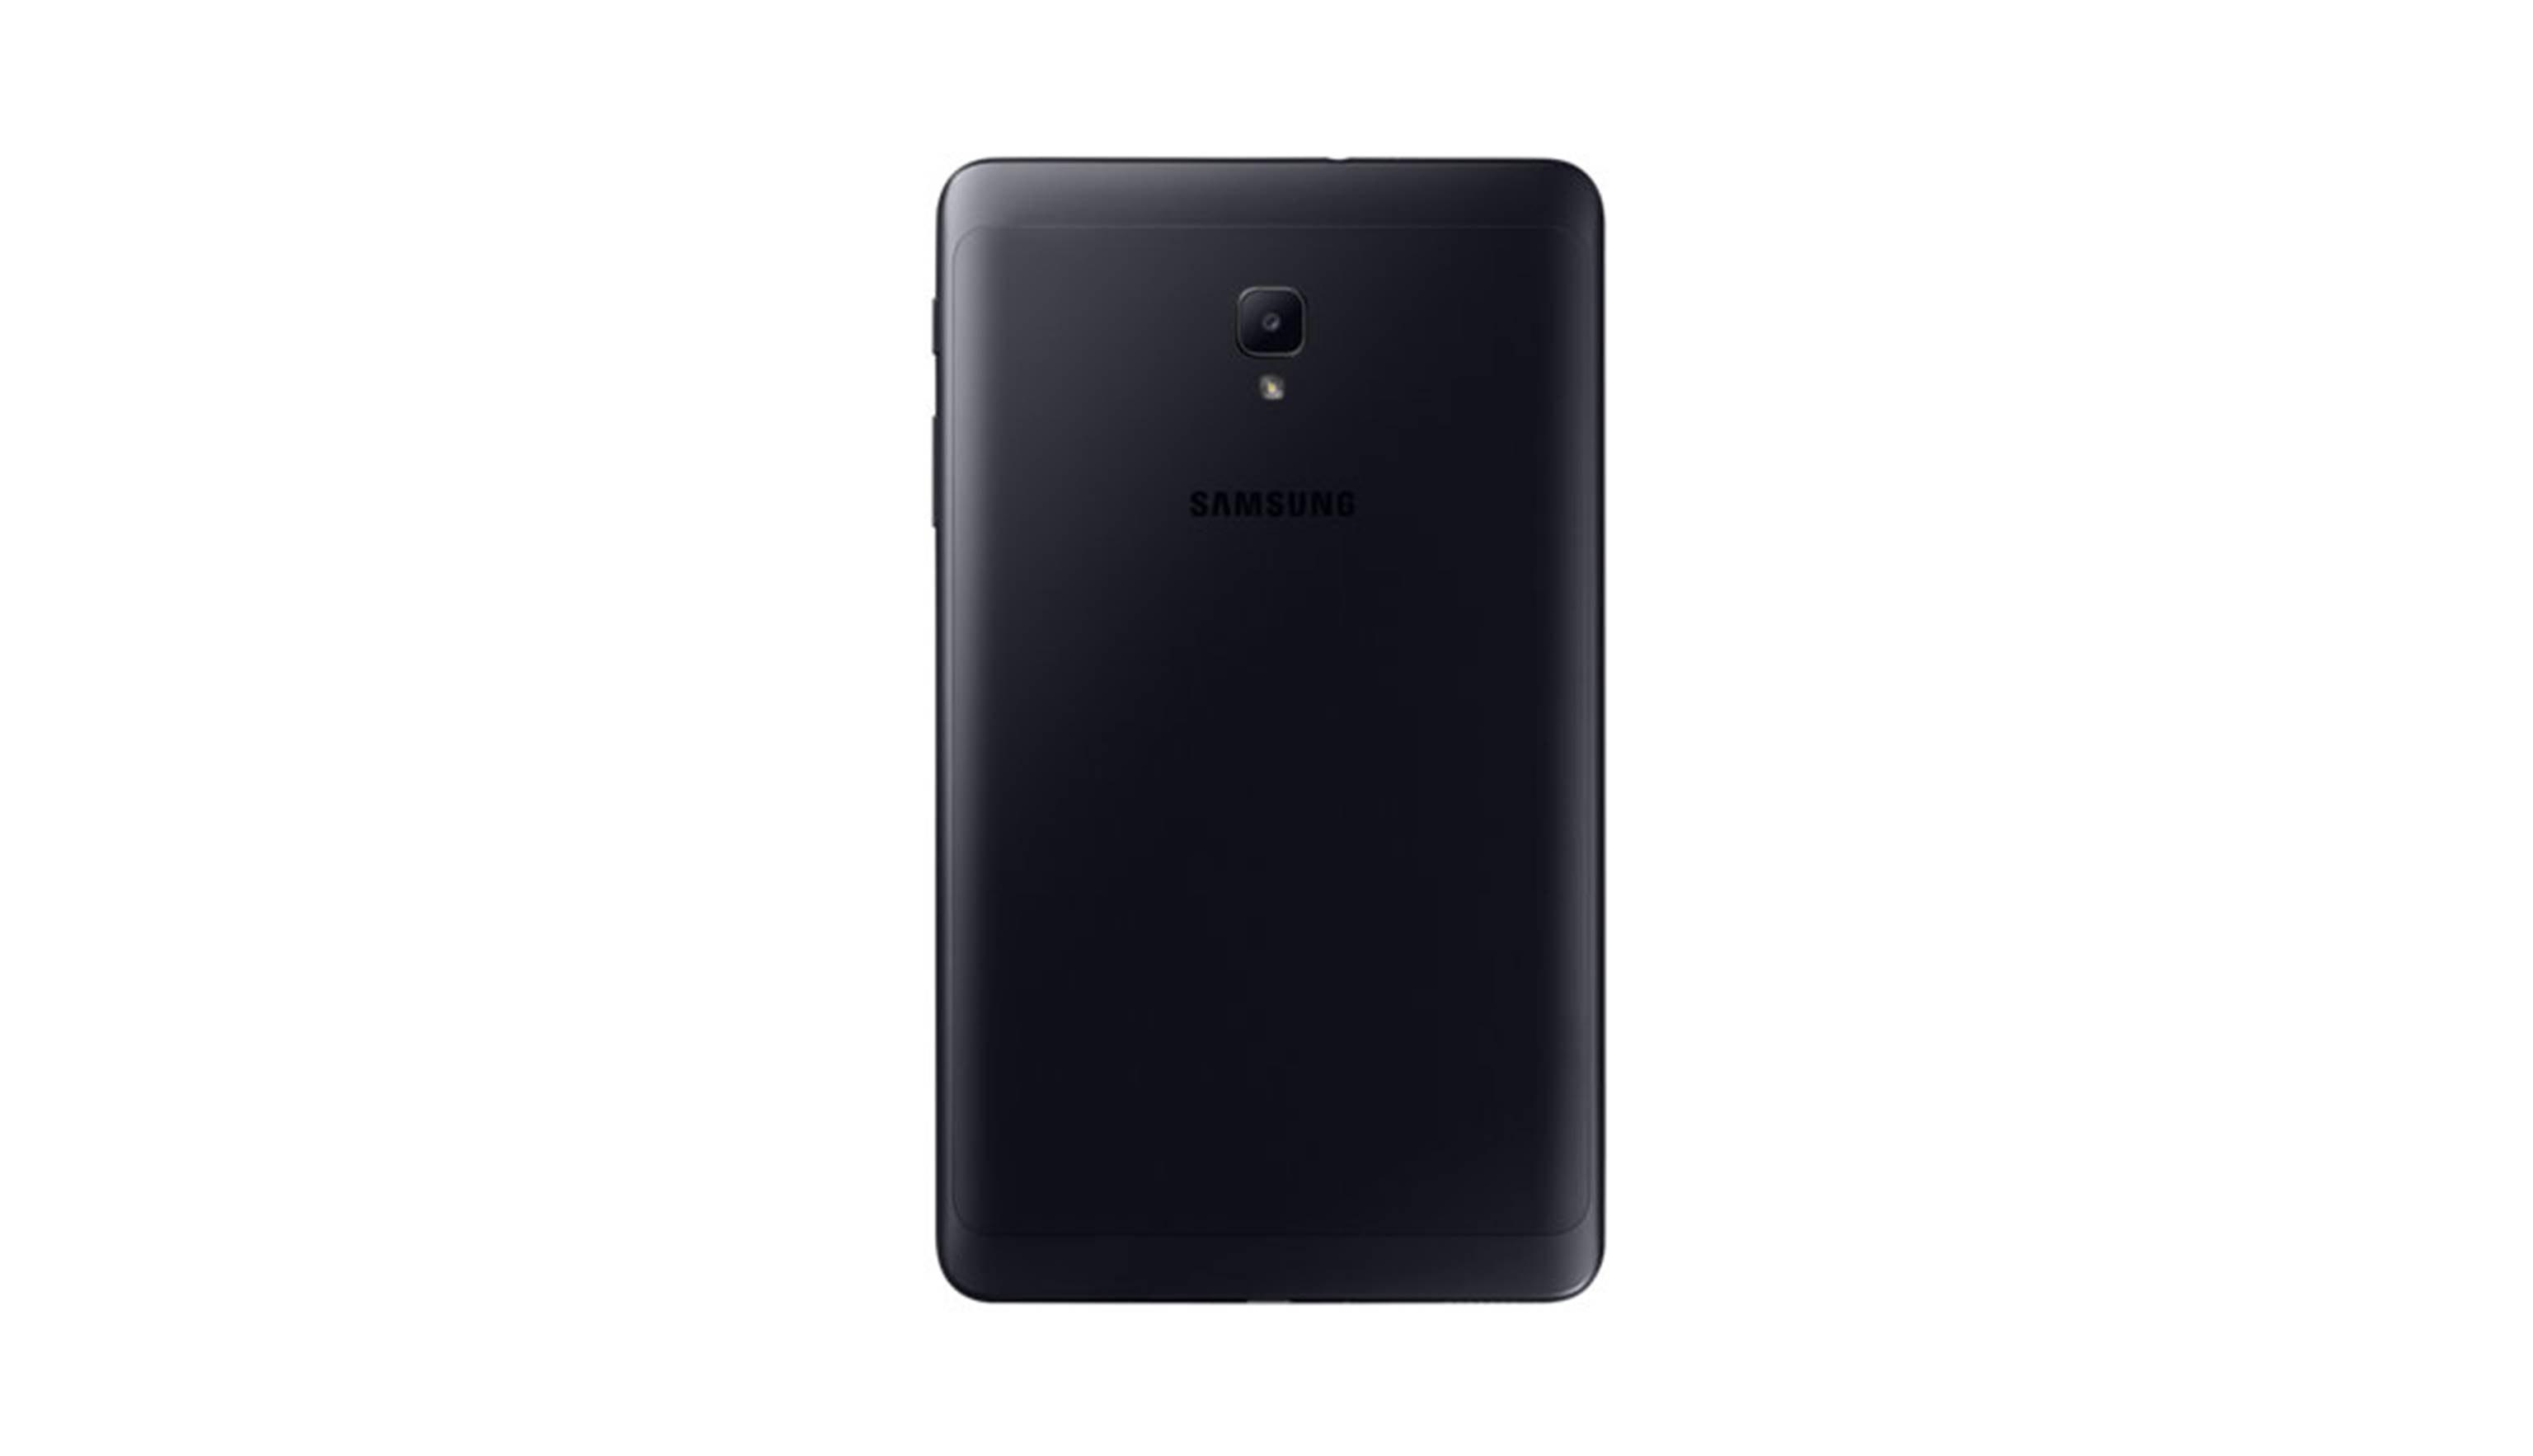 Samsung Tab A 8.0 (2017) LTE - Black (2)